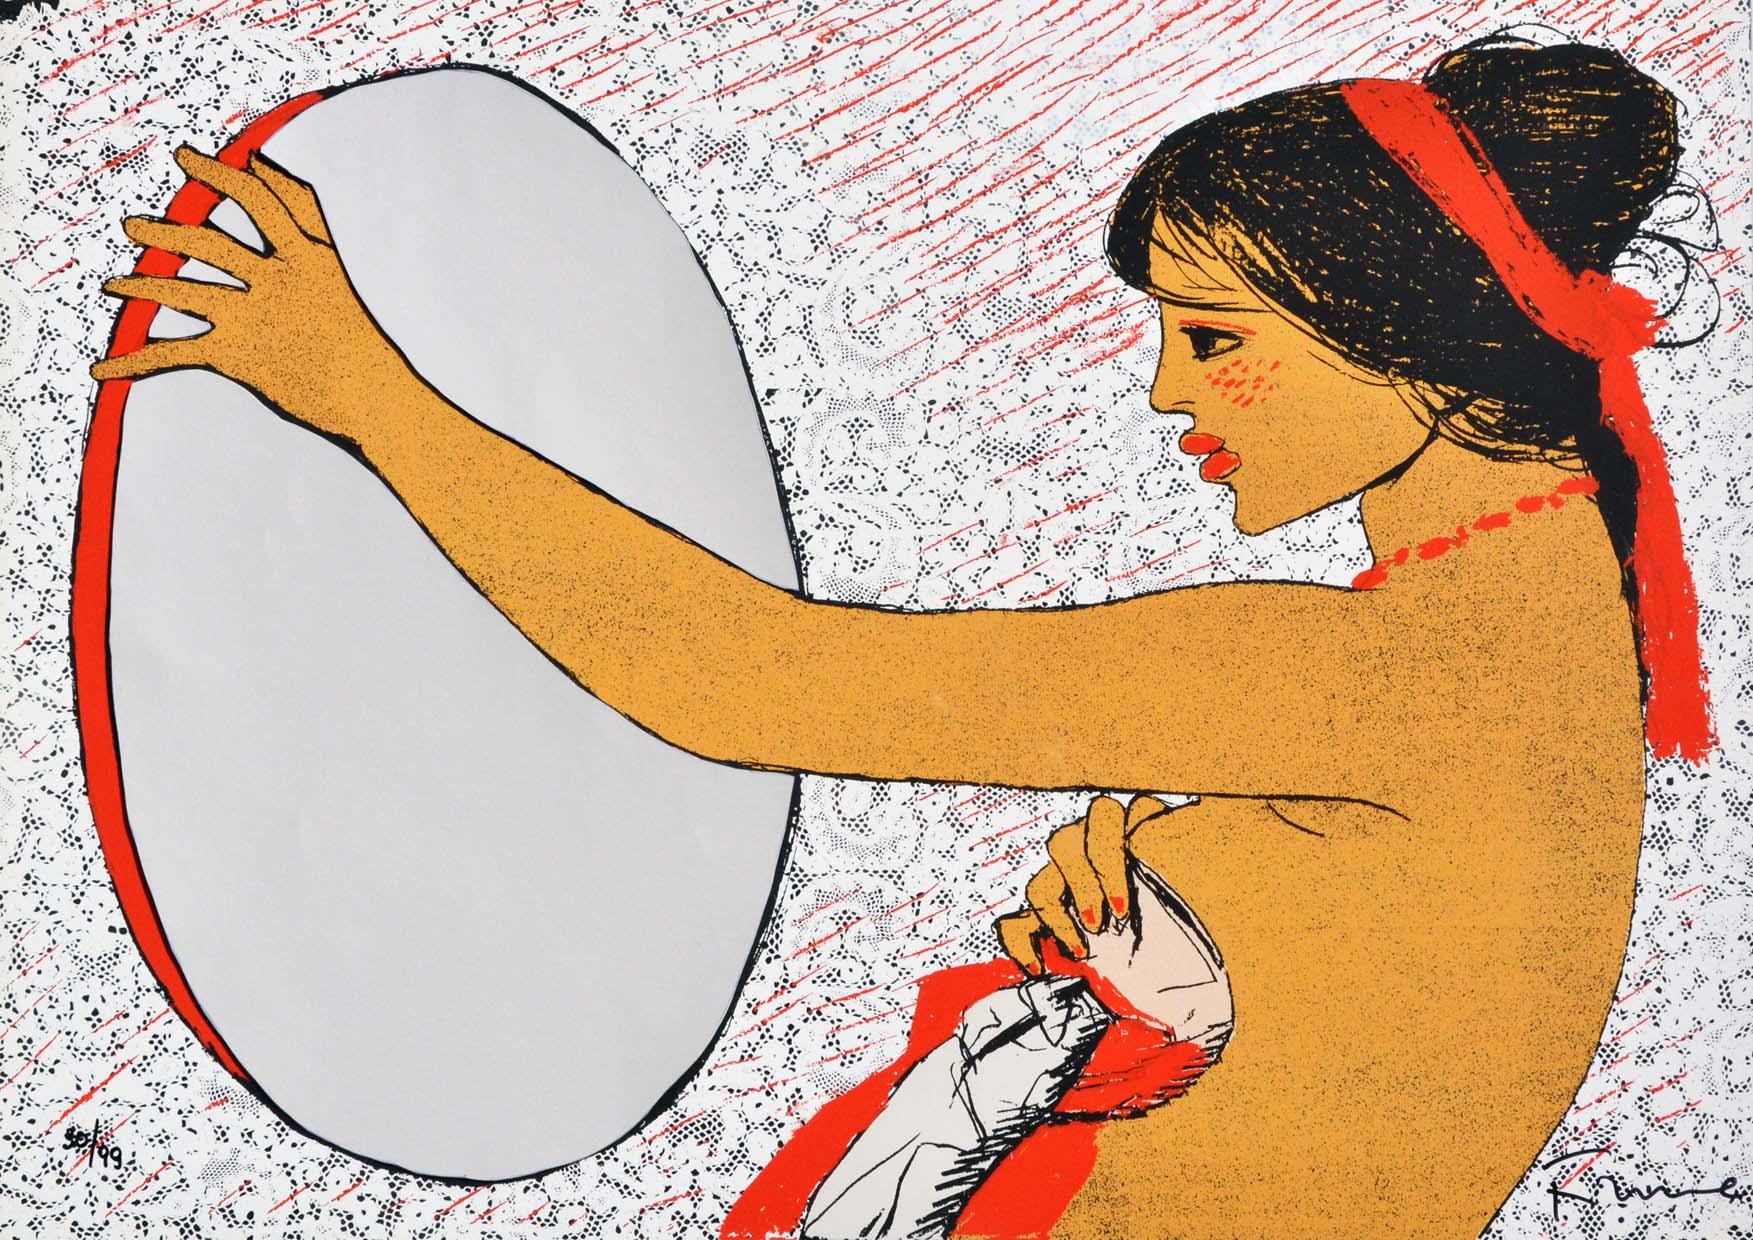 Fiume Salvatore, Specchio delle mie brame, Serigrafia, Form. cm 50x70